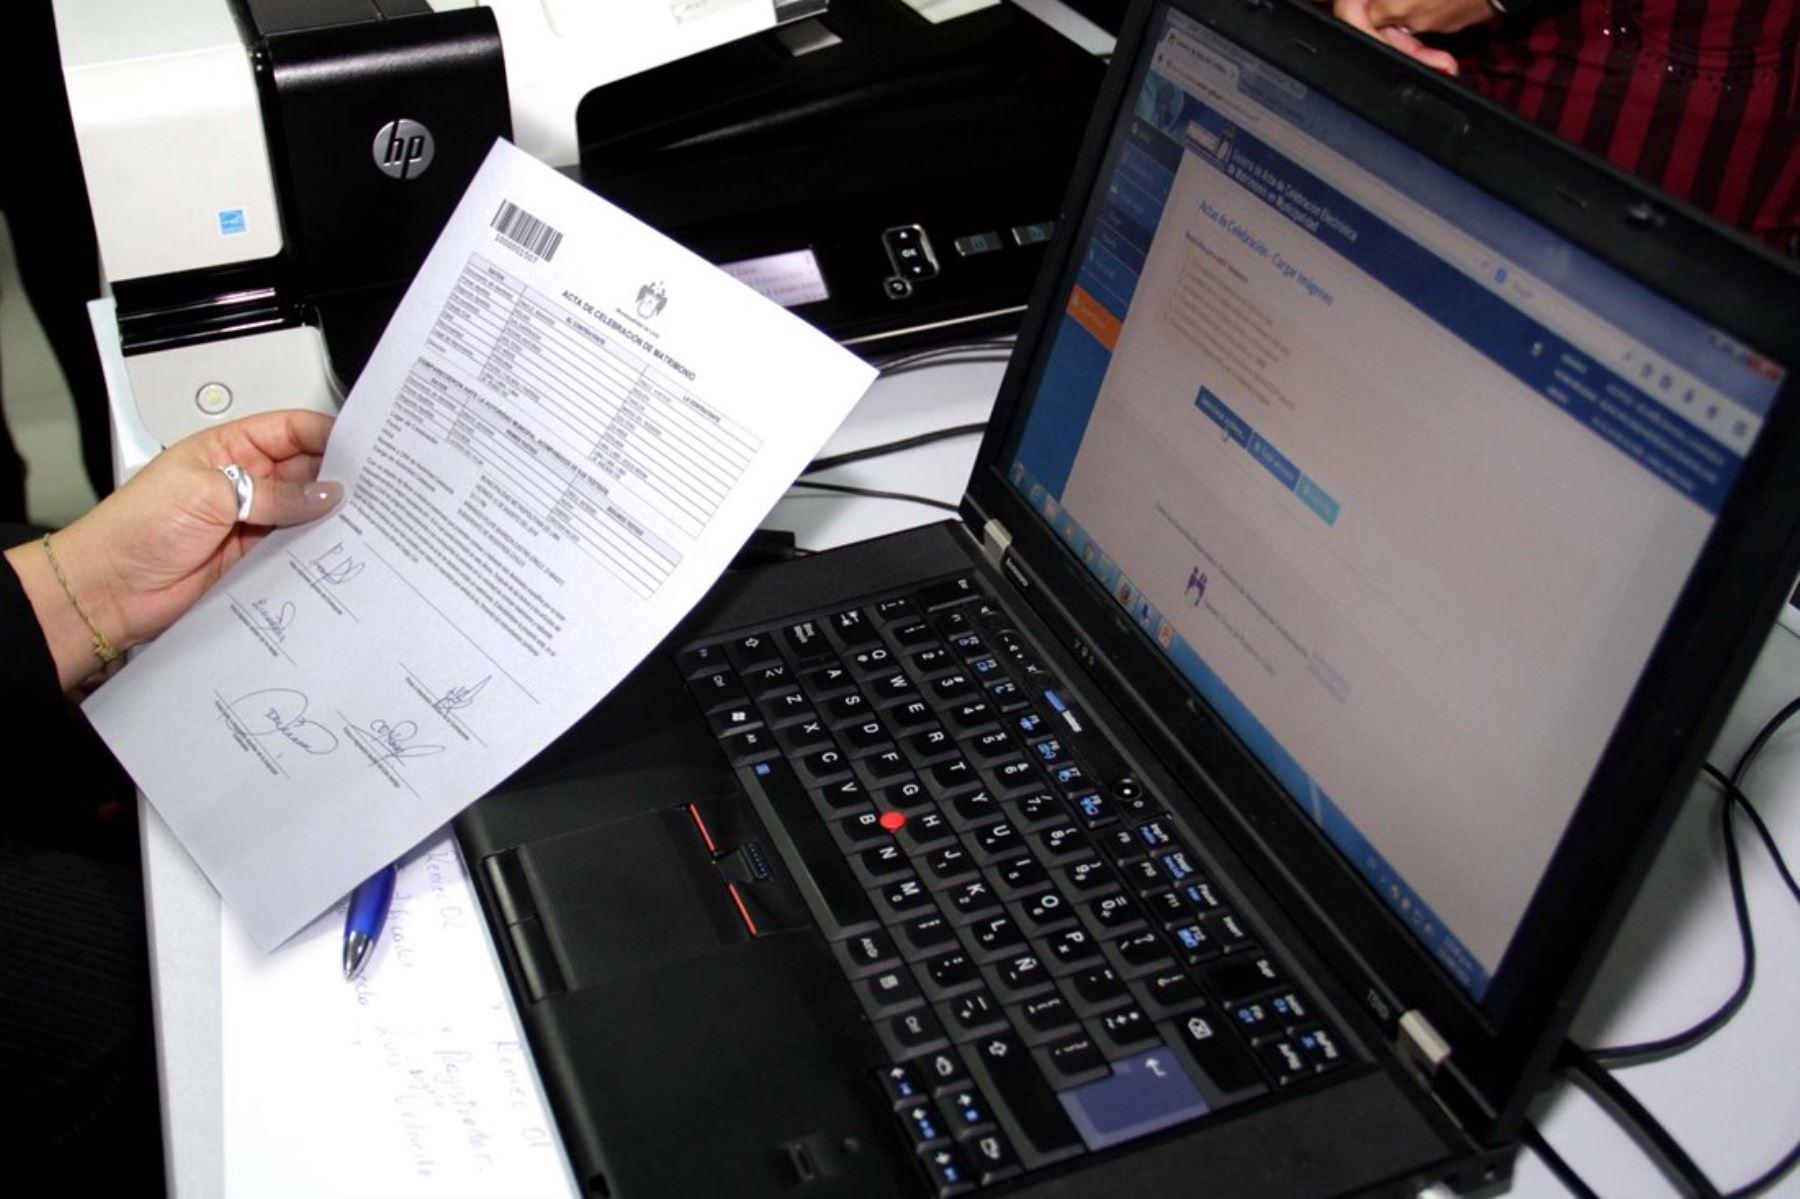 Reniec reanuda emisión de actas electrónicas de matrimonio. Foto: ANDINA/Difusión.